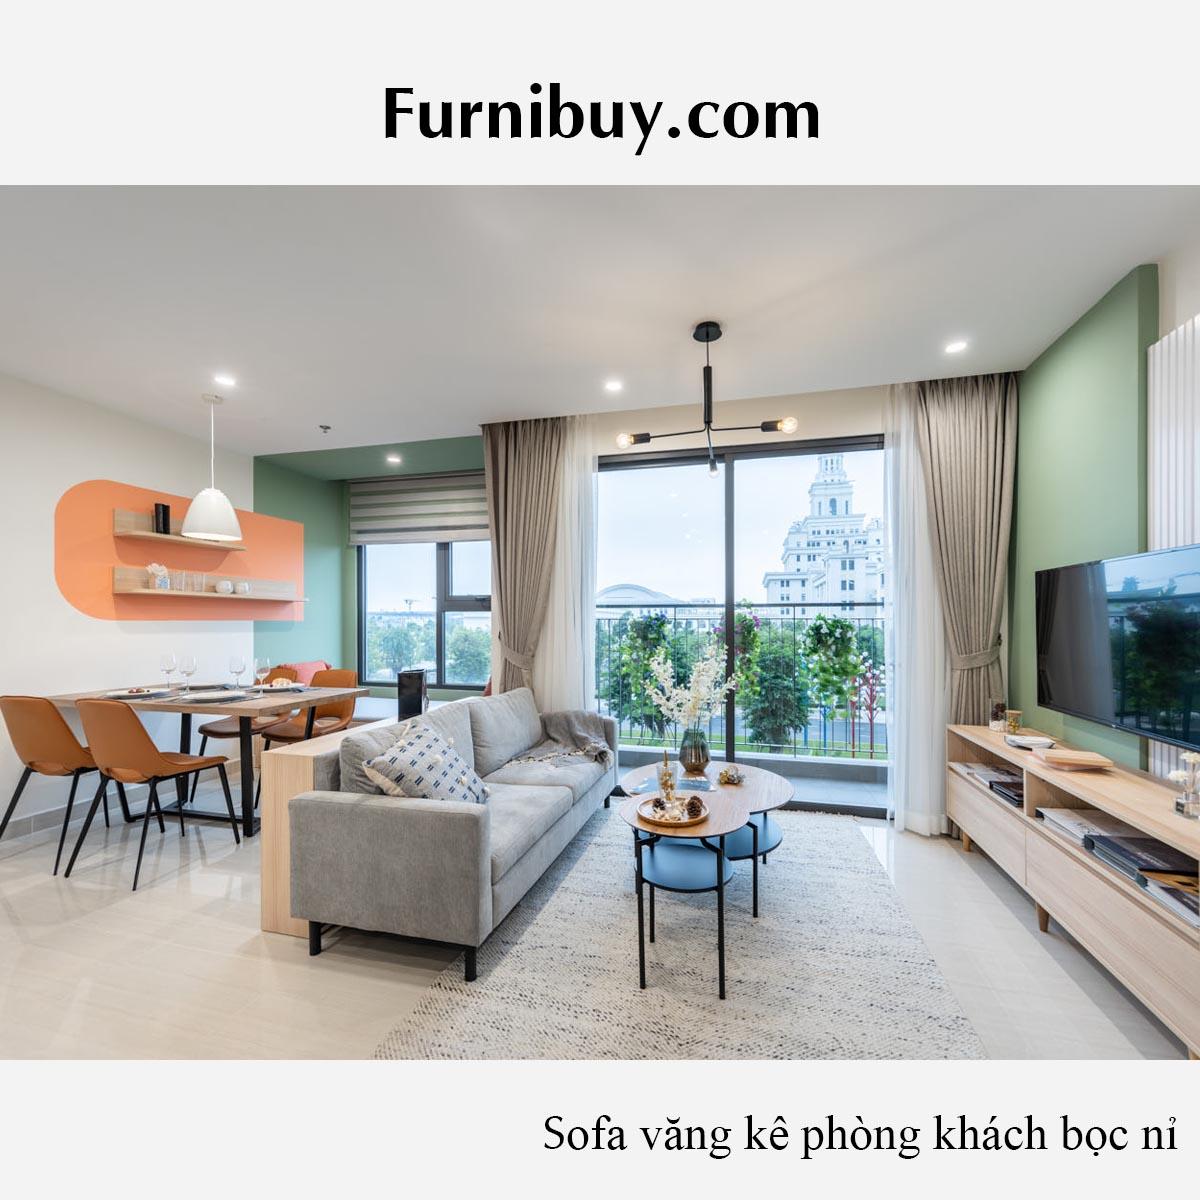 ghe sofa phong khach chung cu mini dang vang 2 cho ngoi nho xinh